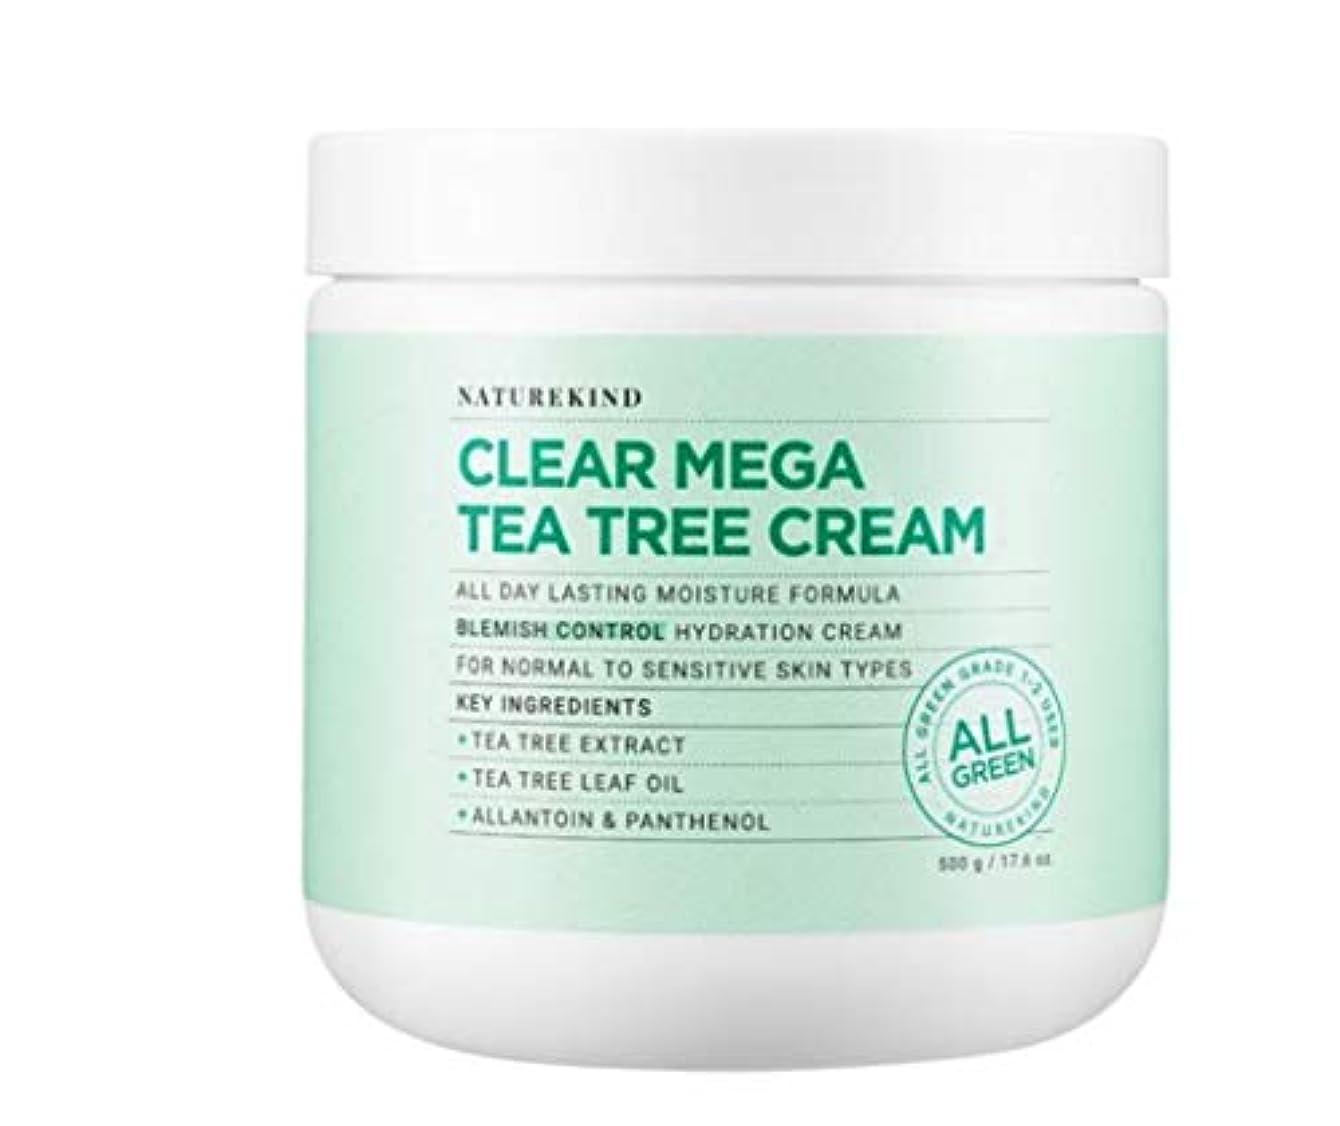 感謝エレガントずんぐりしたNATUREKIND CREAR MEGA TEA EREE CREAMネイチャーカインド高濃縮皮膚鎮静水分保湿クリーム大容量500g(並行輸入品)